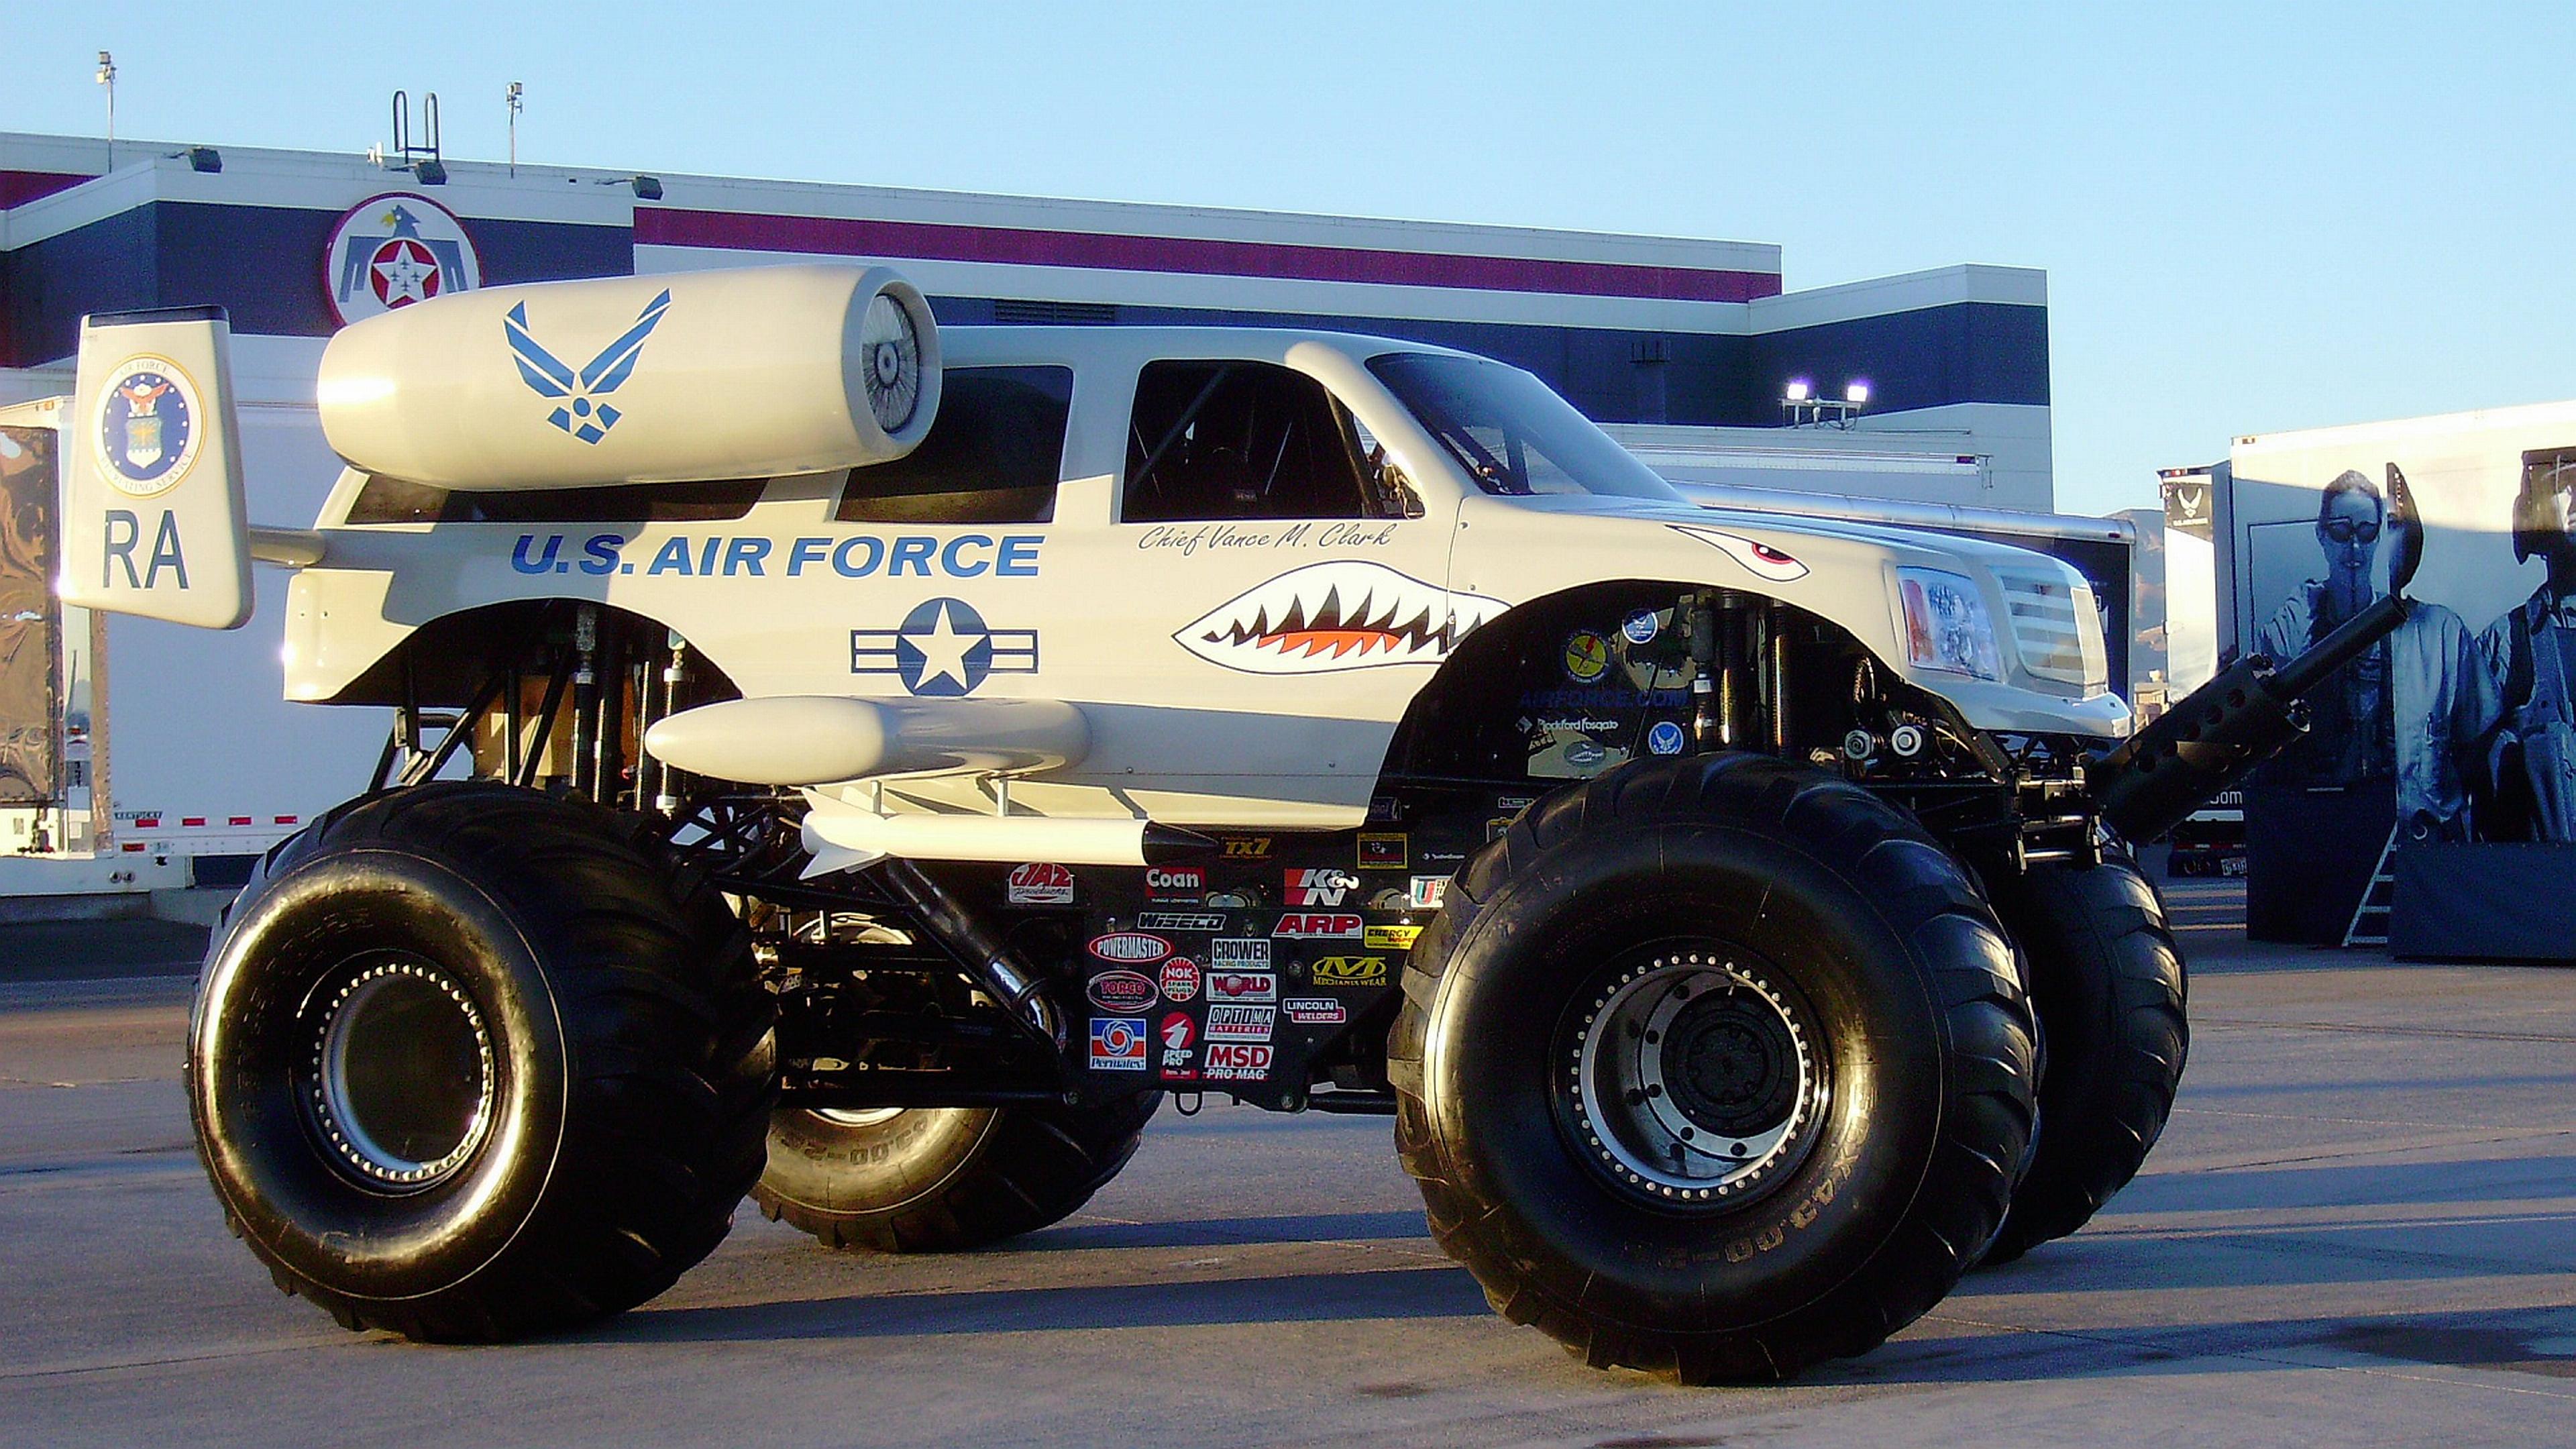 Vehicles   Monster Truck Wallpaper 3840x2160